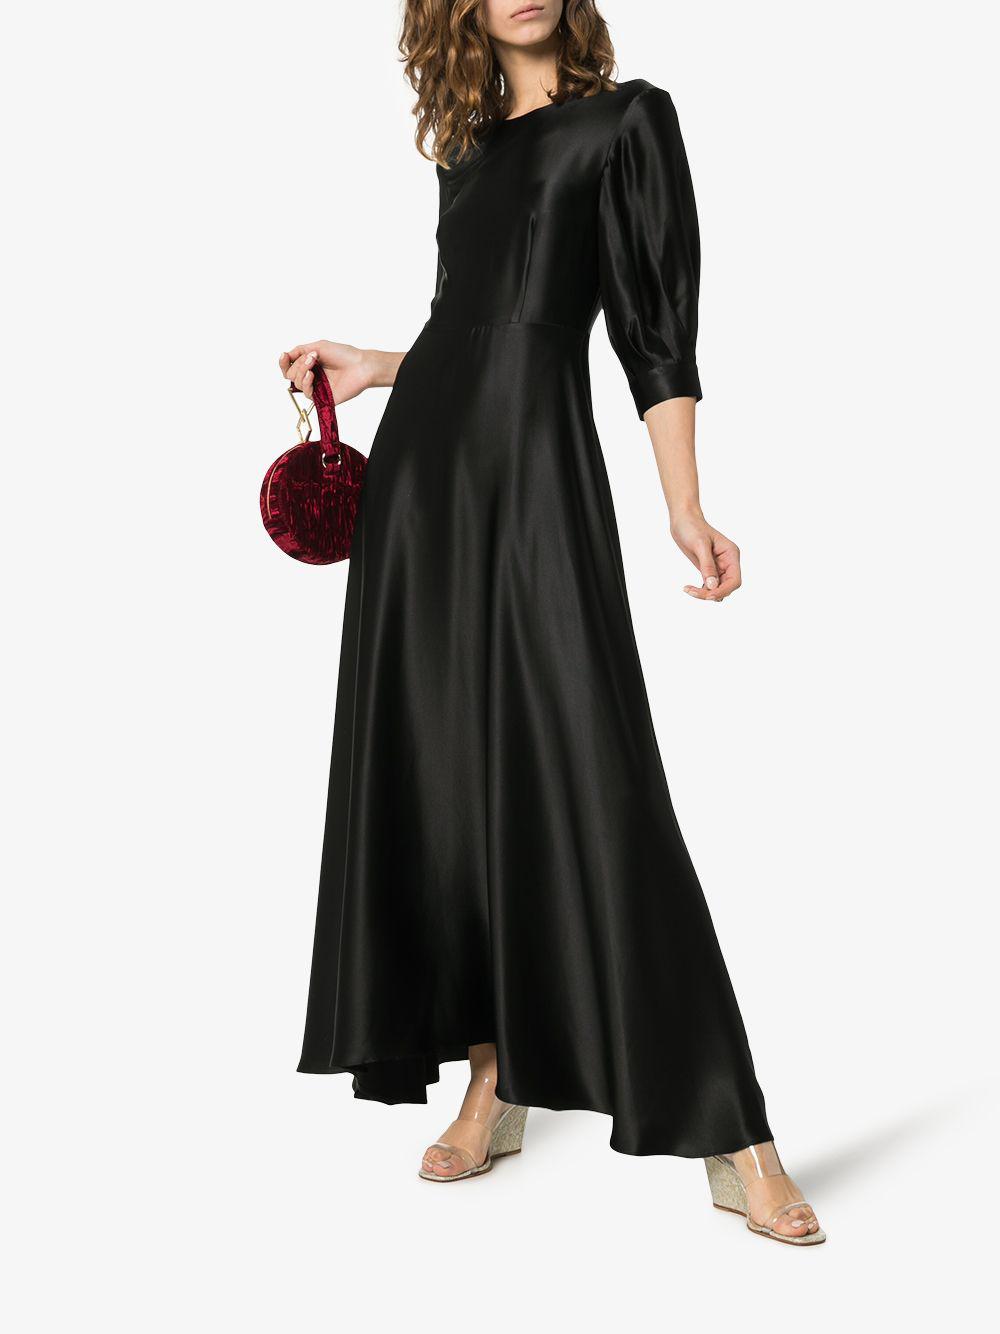 b955caf452f06 Deitas Ada Puff Sleeve Silk Dress In Black